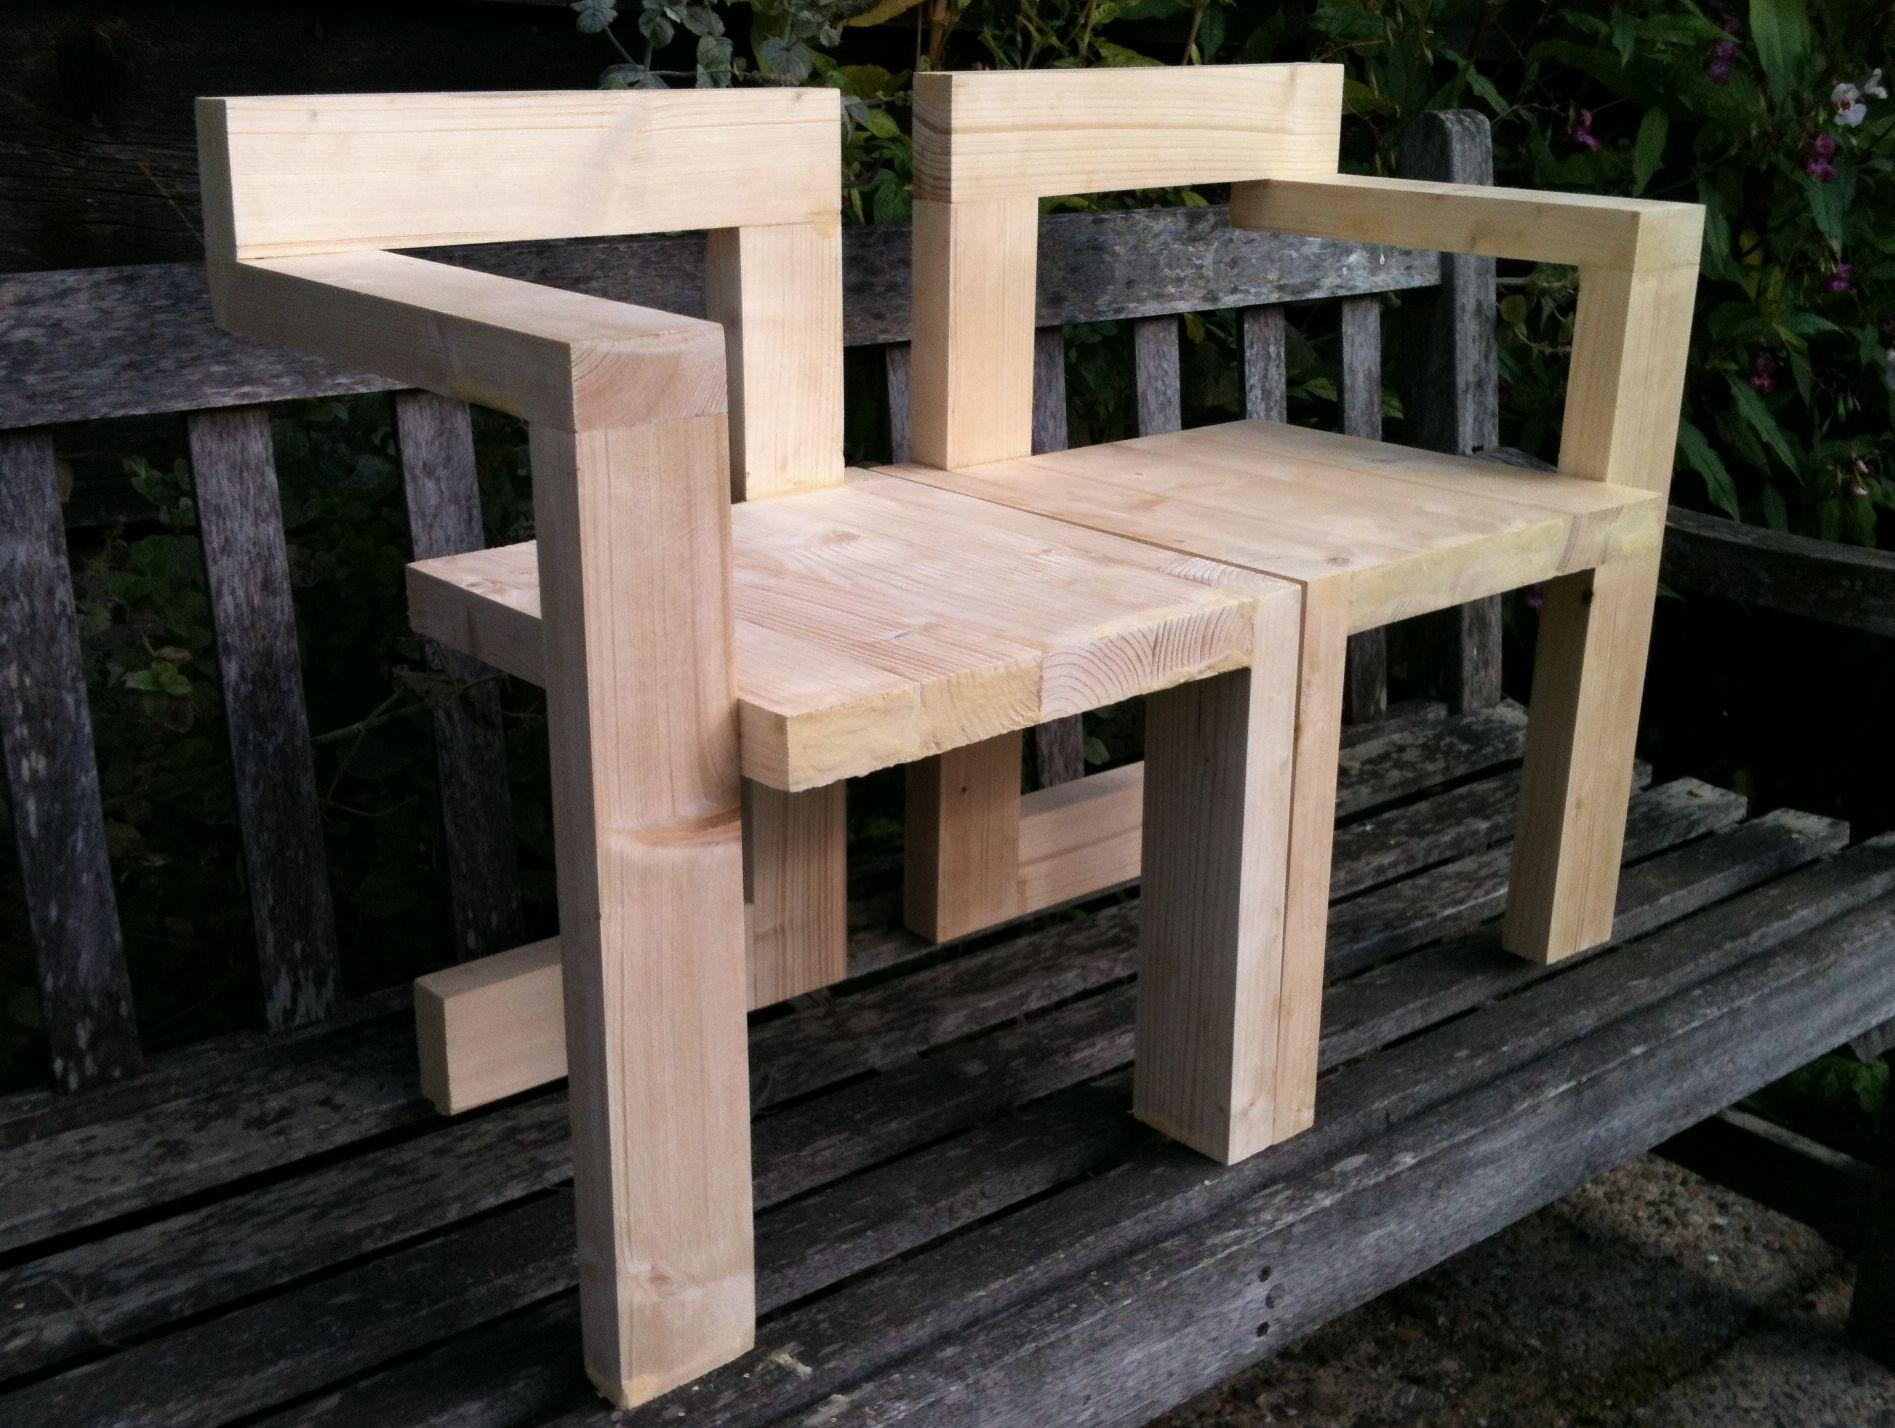 Steltman stoel afmetingen kleine kastjes voor aan de muur for Steltman stoel afmetingen